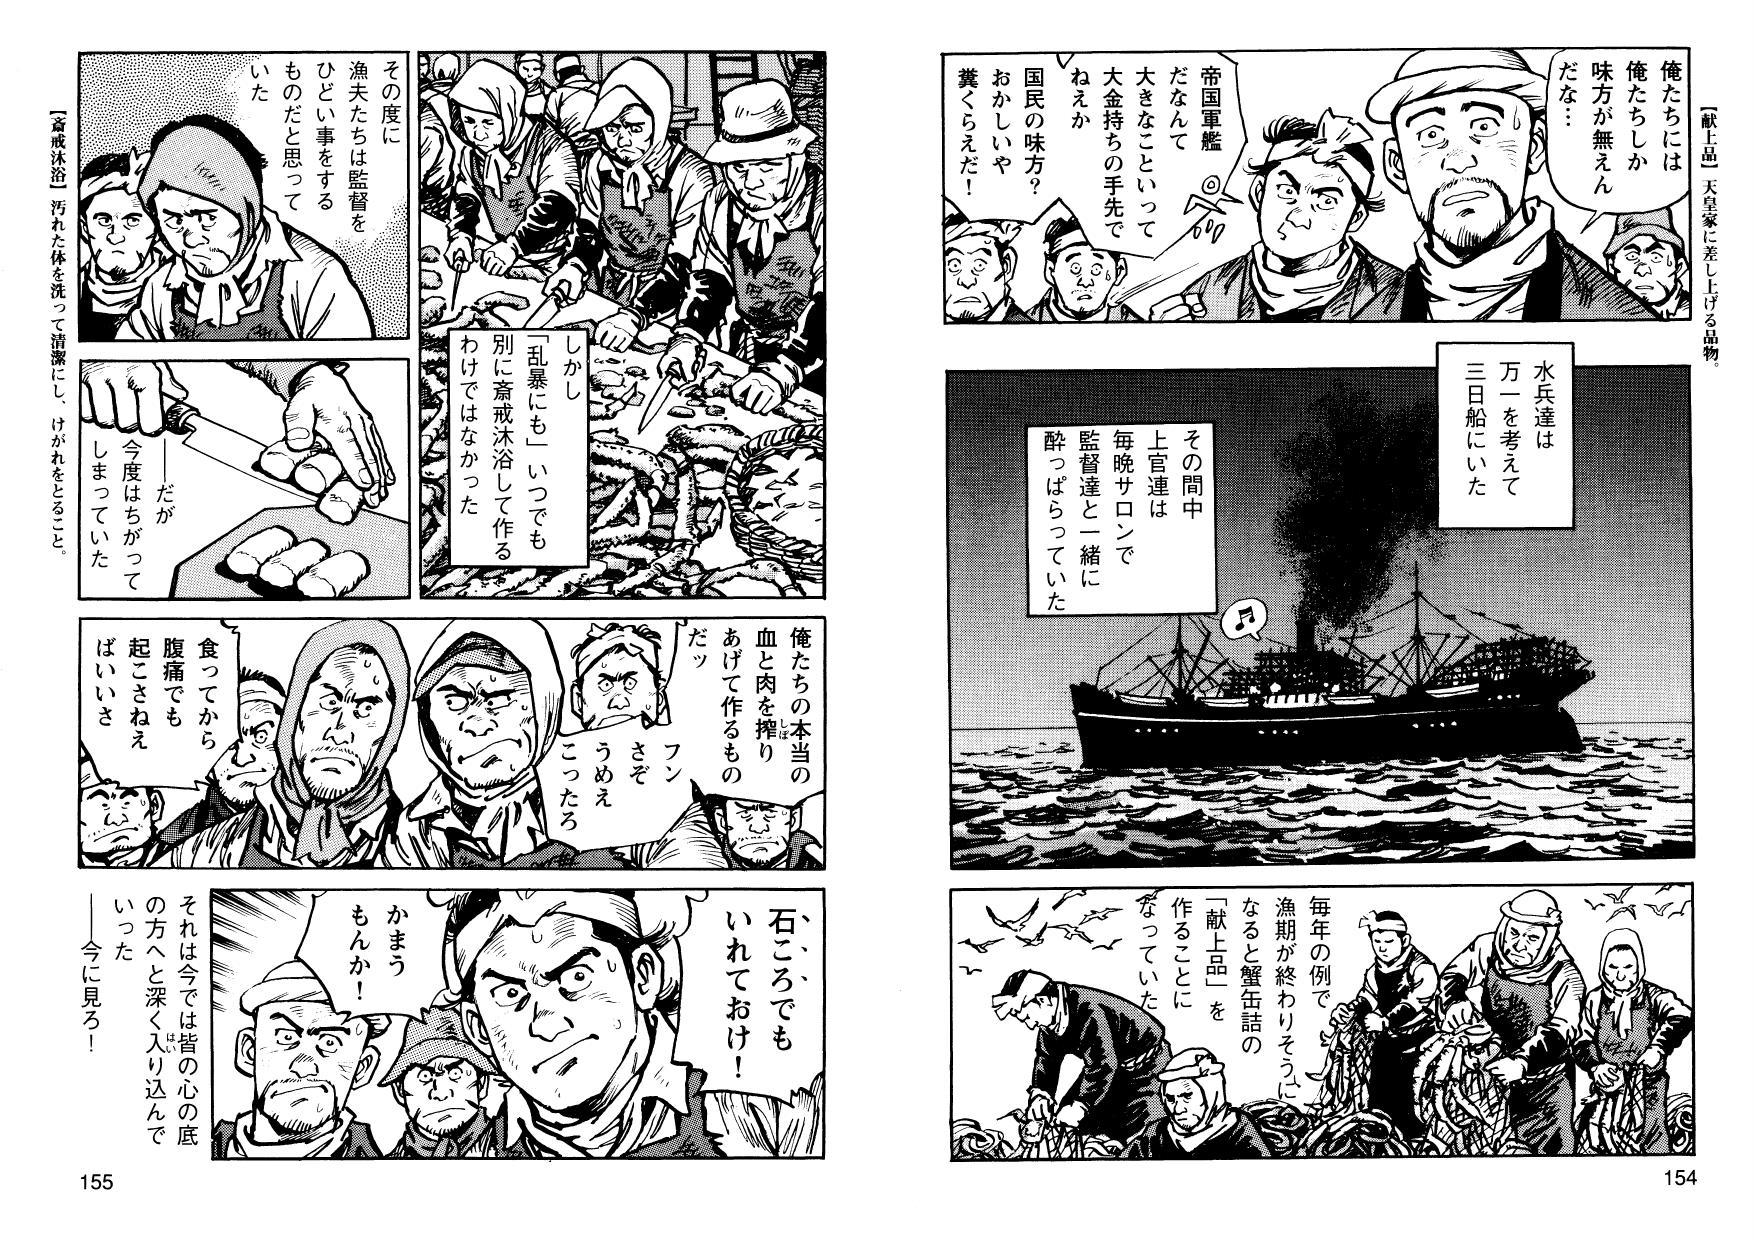 kani_cmc_000078.jpg